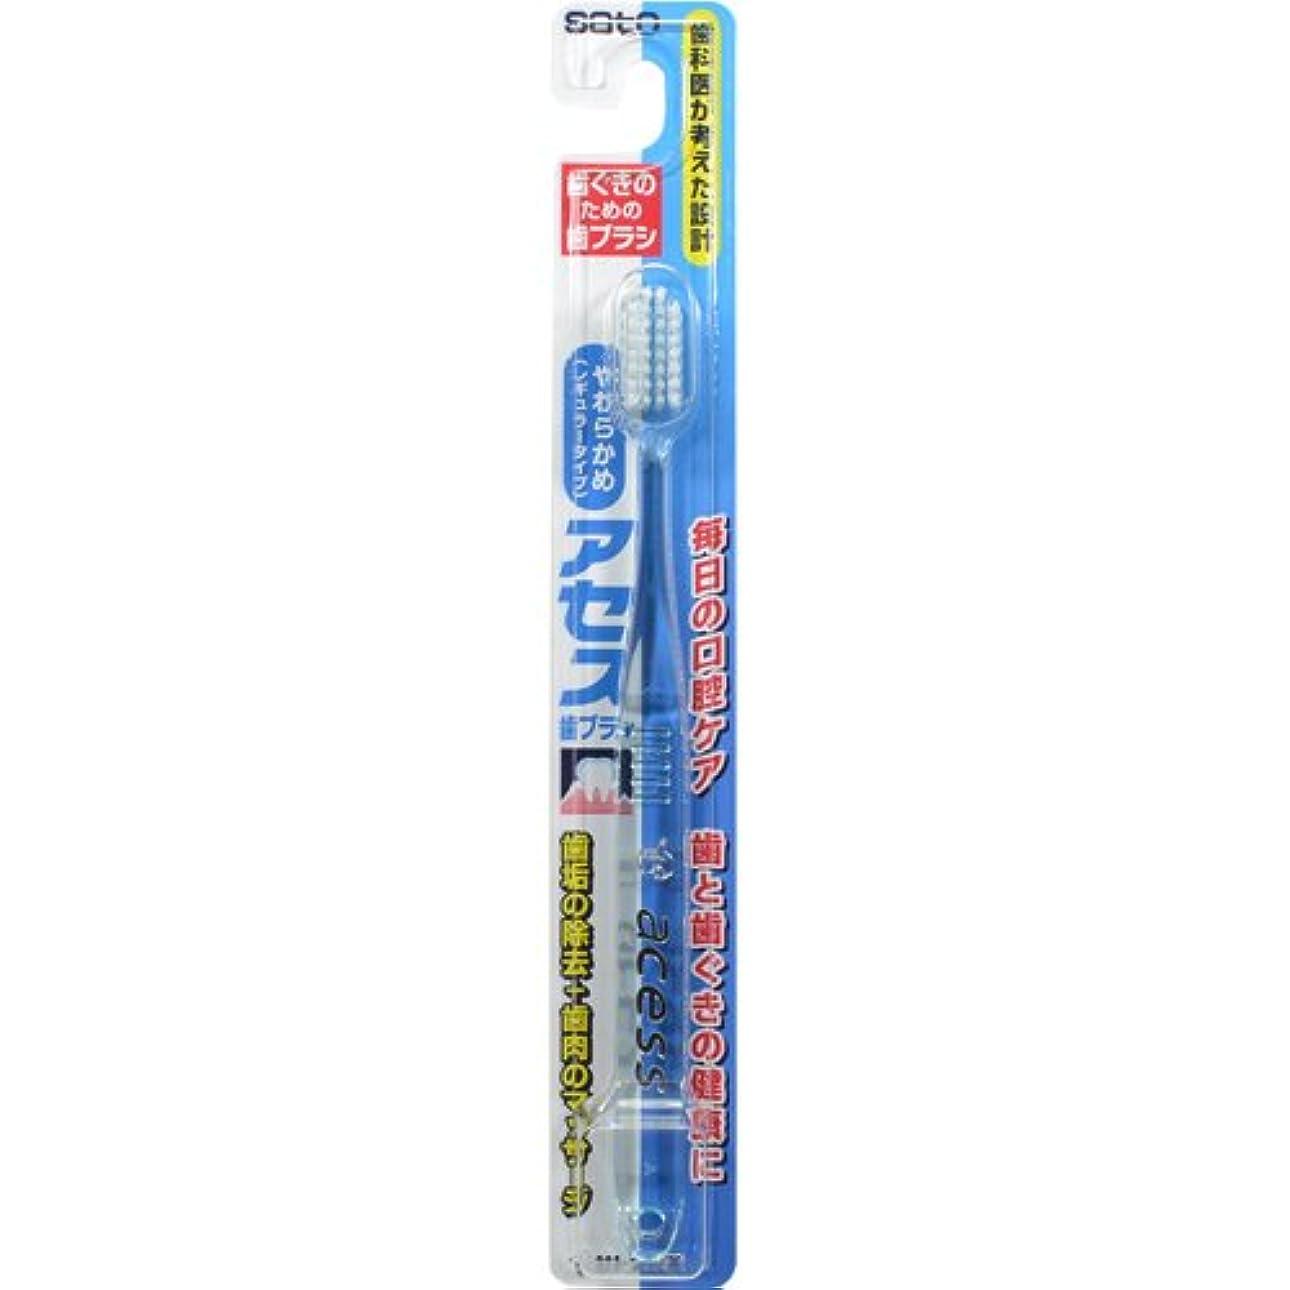 テザー研磨剤お別れ佐藤製薬 アセス歯ブラシ やわらかめレギュラータイプ 1本